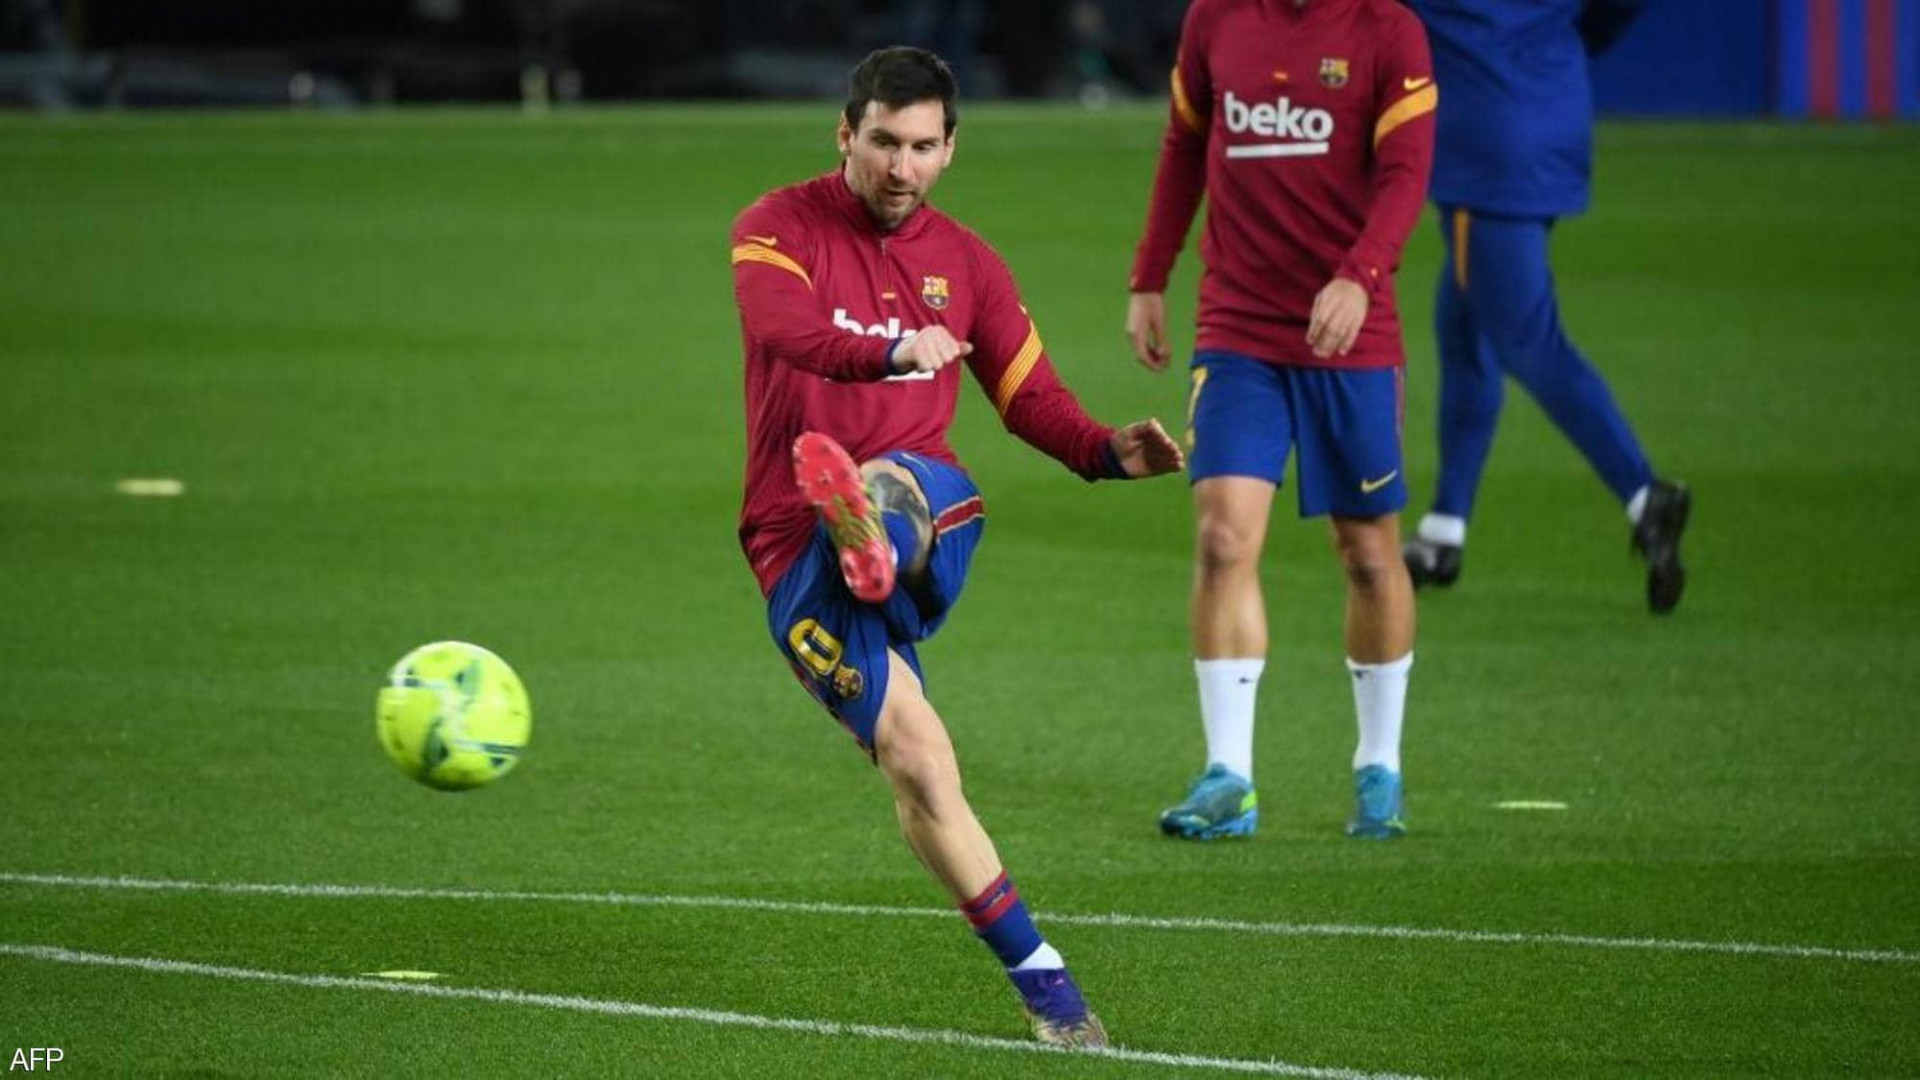 تصريح مفاجئ لميسي يحسم مصيره مع برشلونة